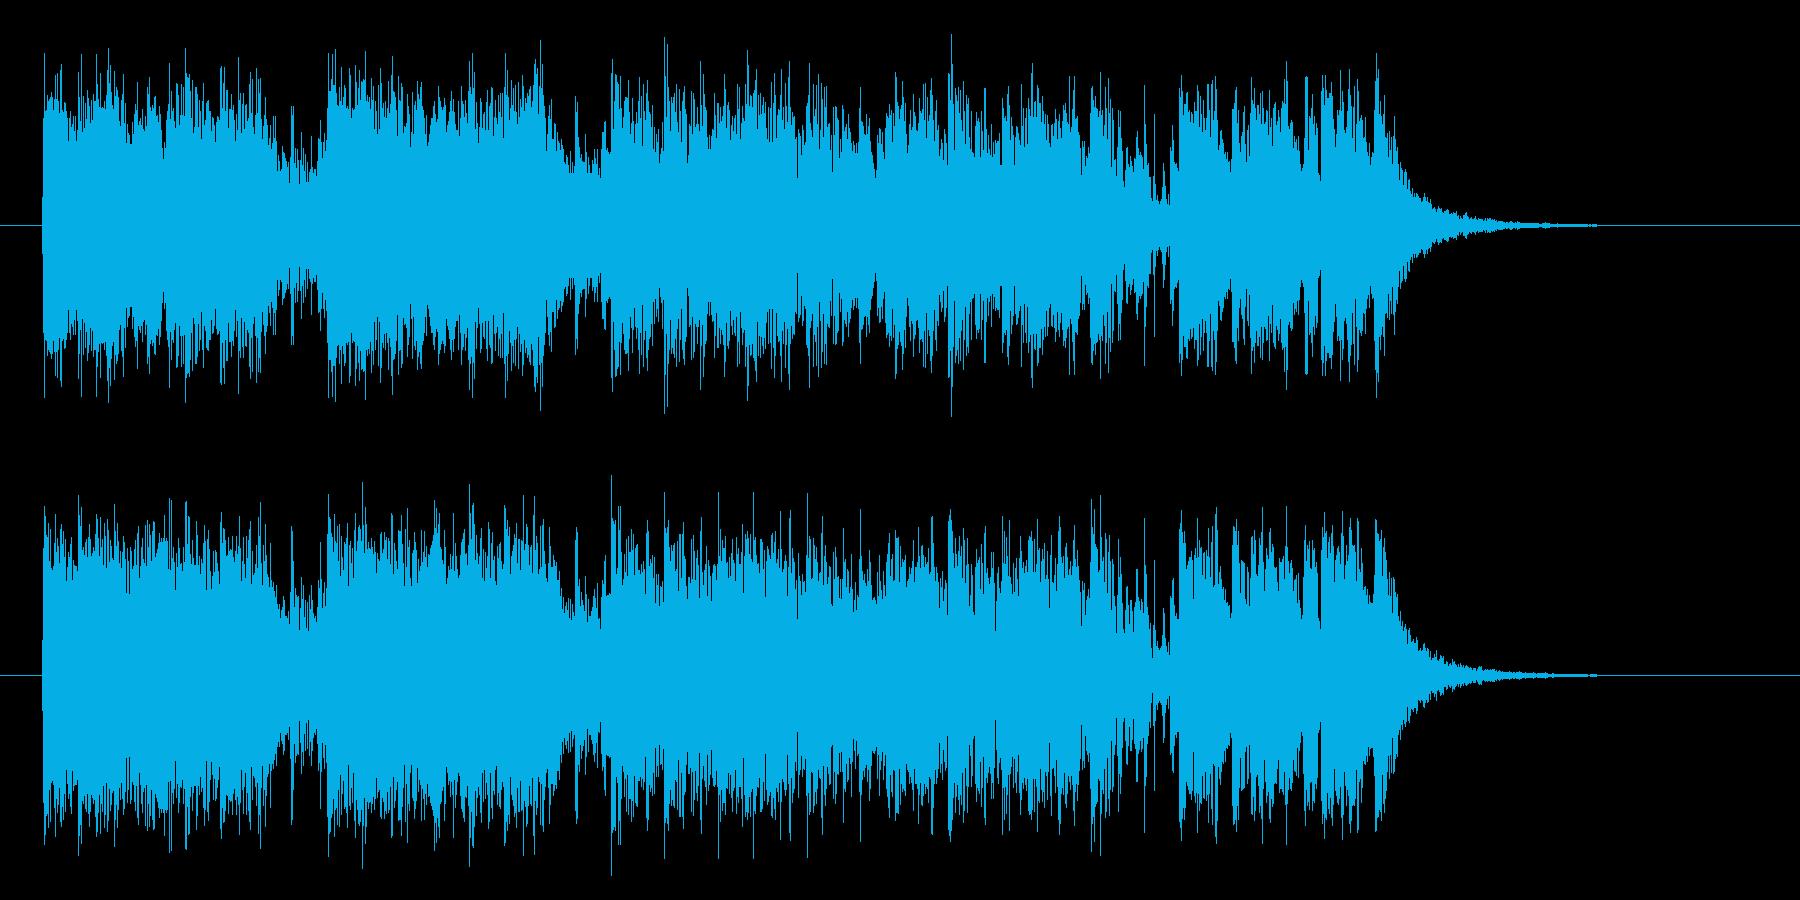 エレキギターがダイナミックなヘヴィメタルの再生済みの波形